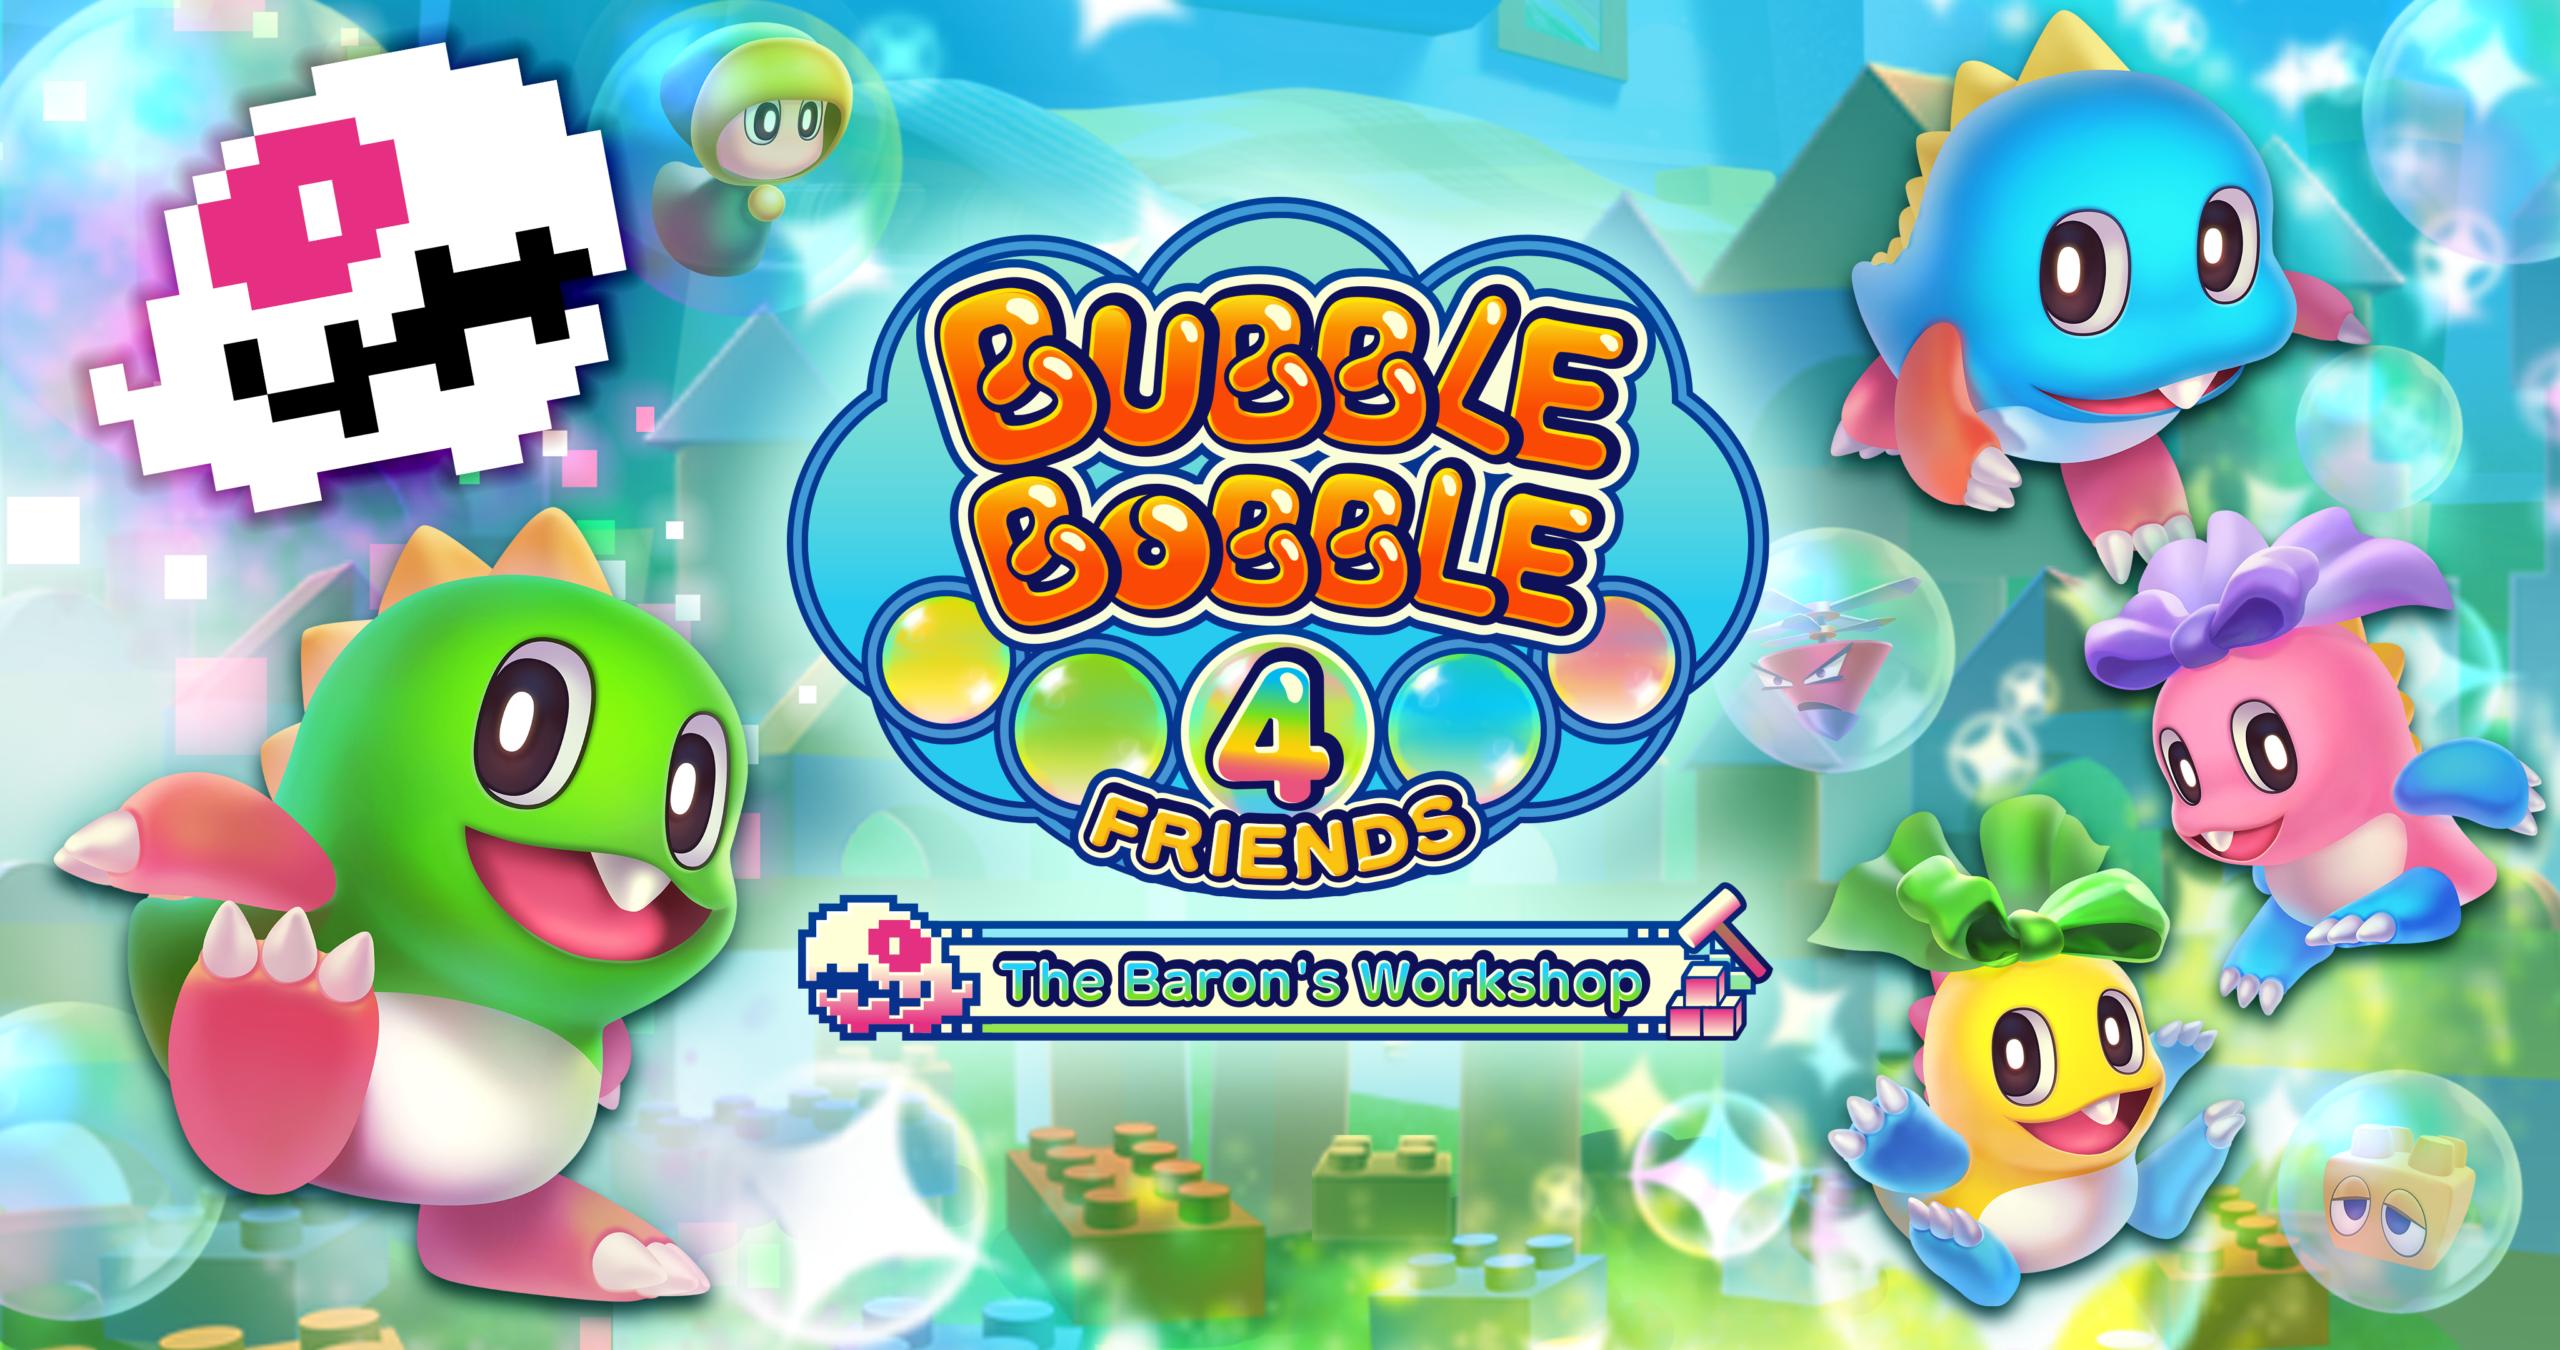 """Bubble Bobble 4 Friends sbarca su PC con """"The Baron's Workshop"""" thumbnail"""